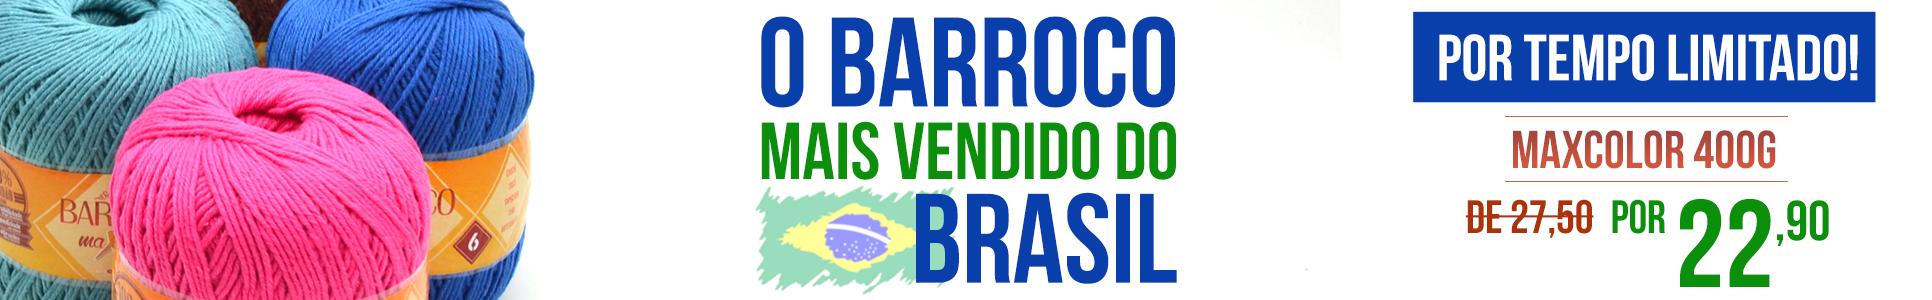 Barroco Maxcolor 400g